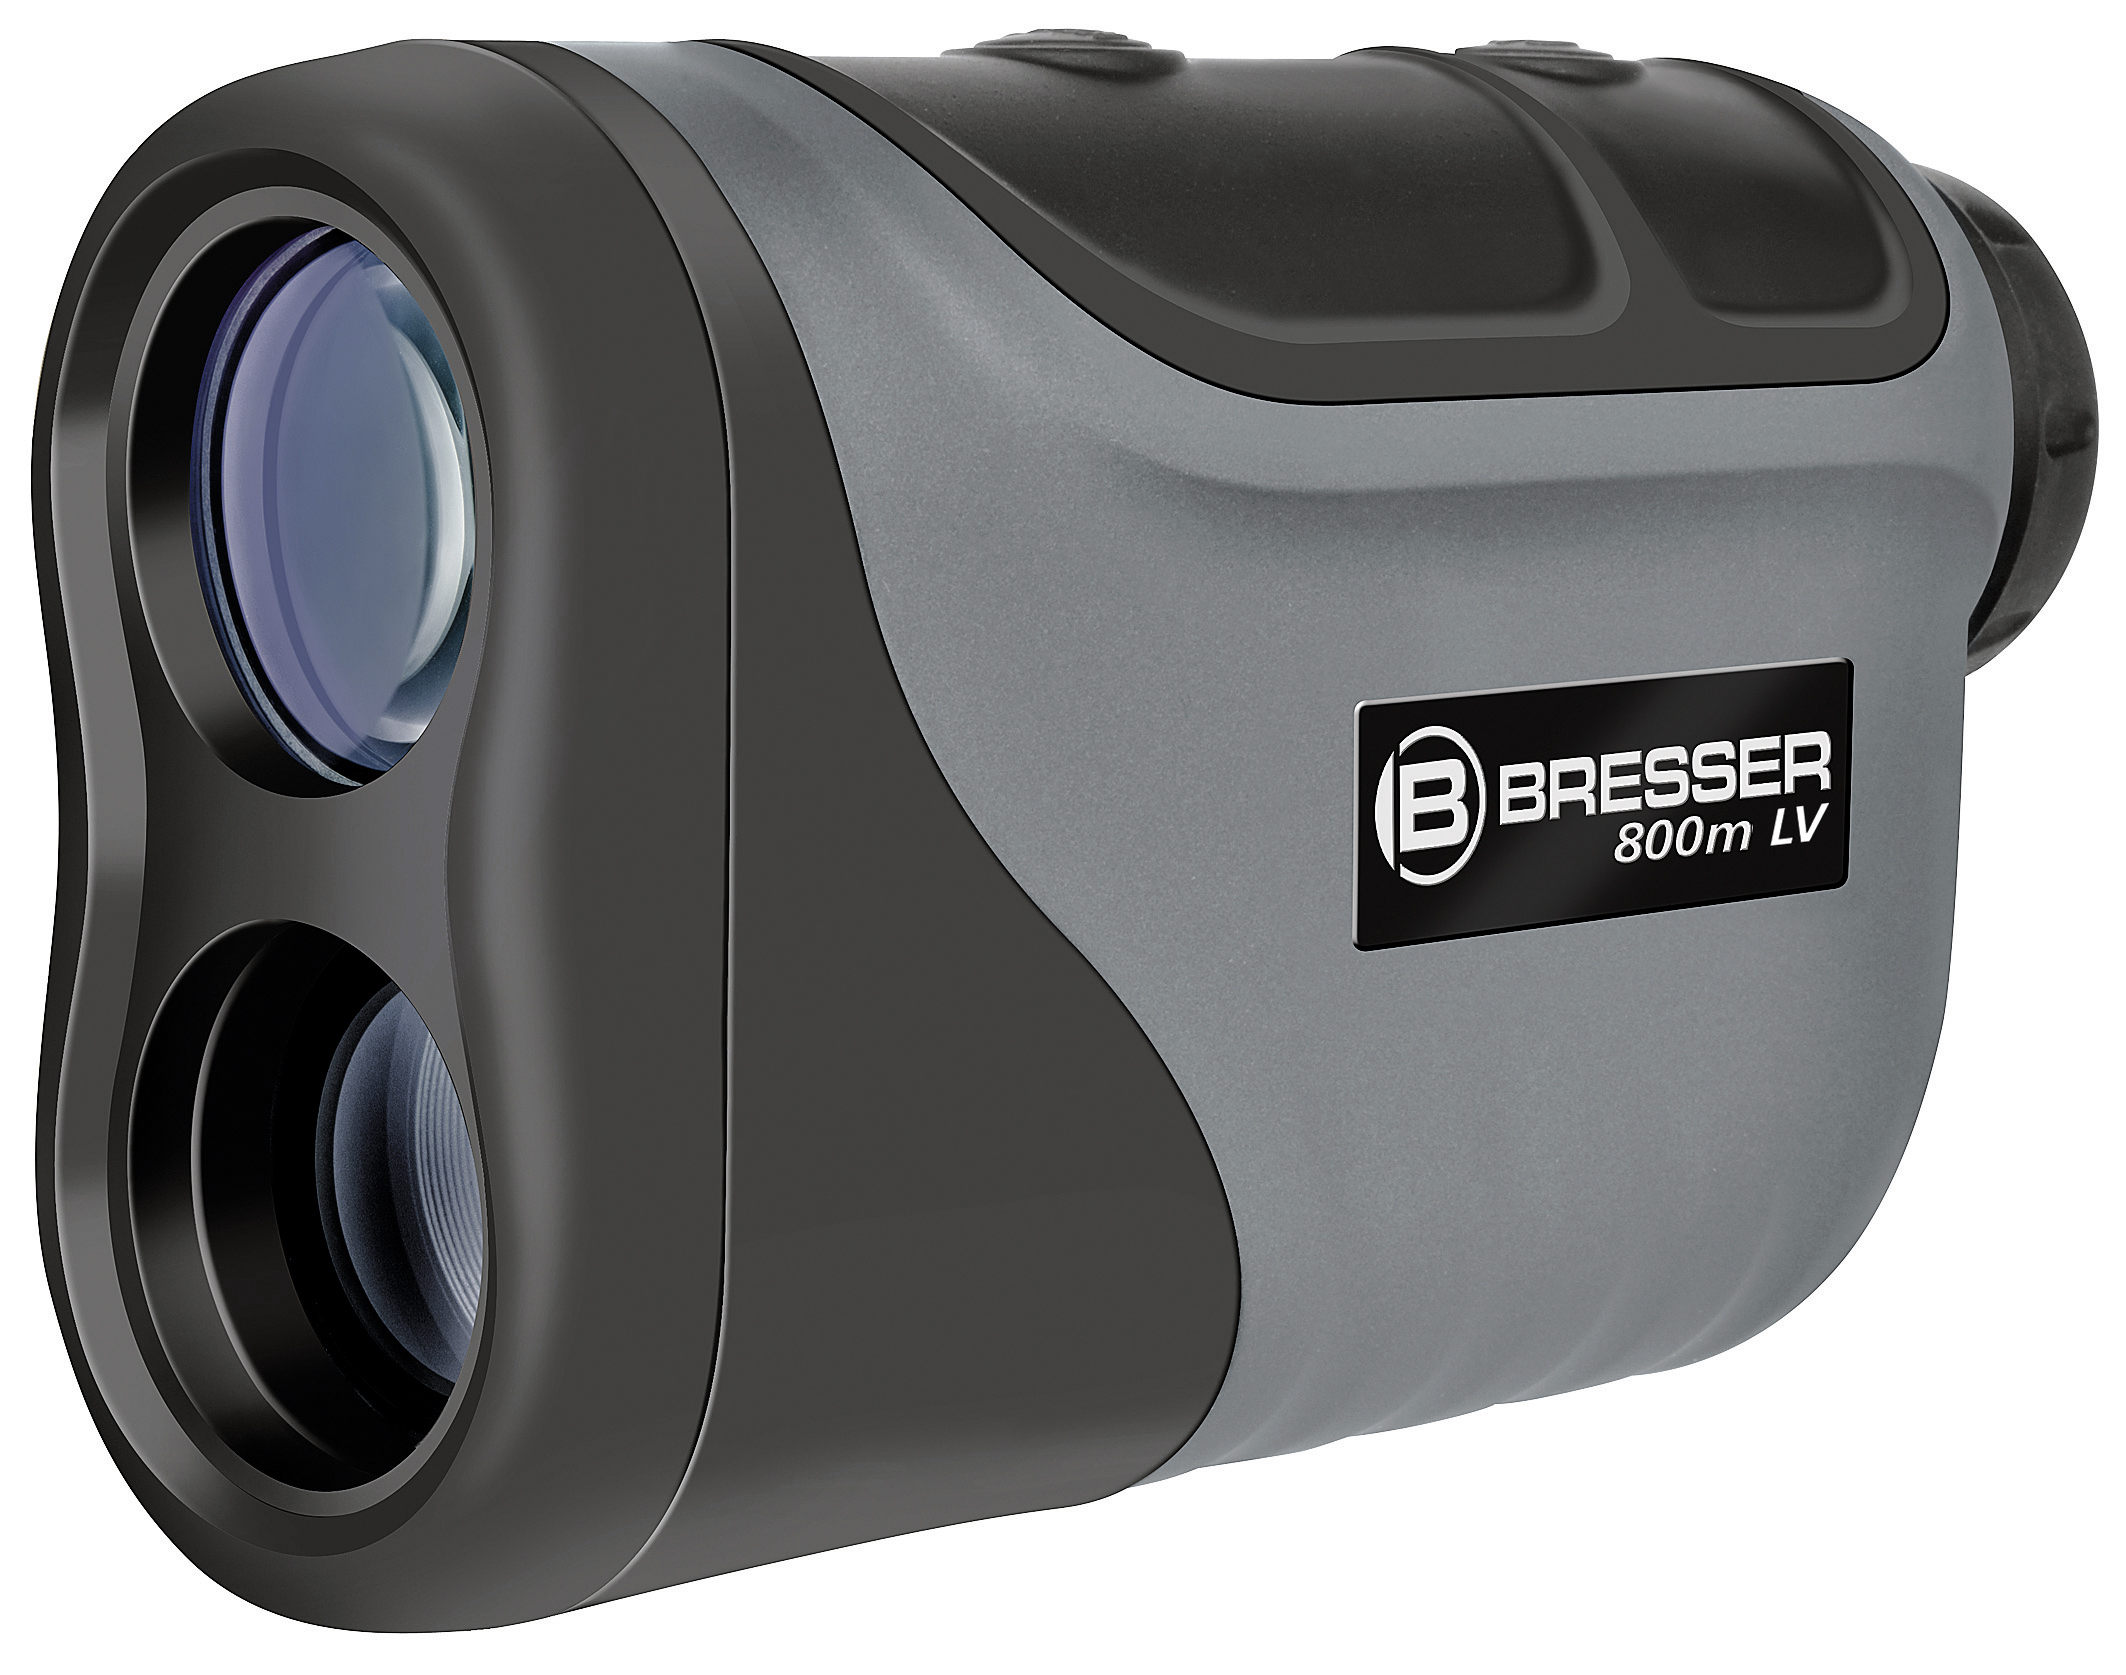 Gps Entfernungsmesser Jagd : Bresser entfernungs & geschwindigkeitsmesser lv 6x25 800m